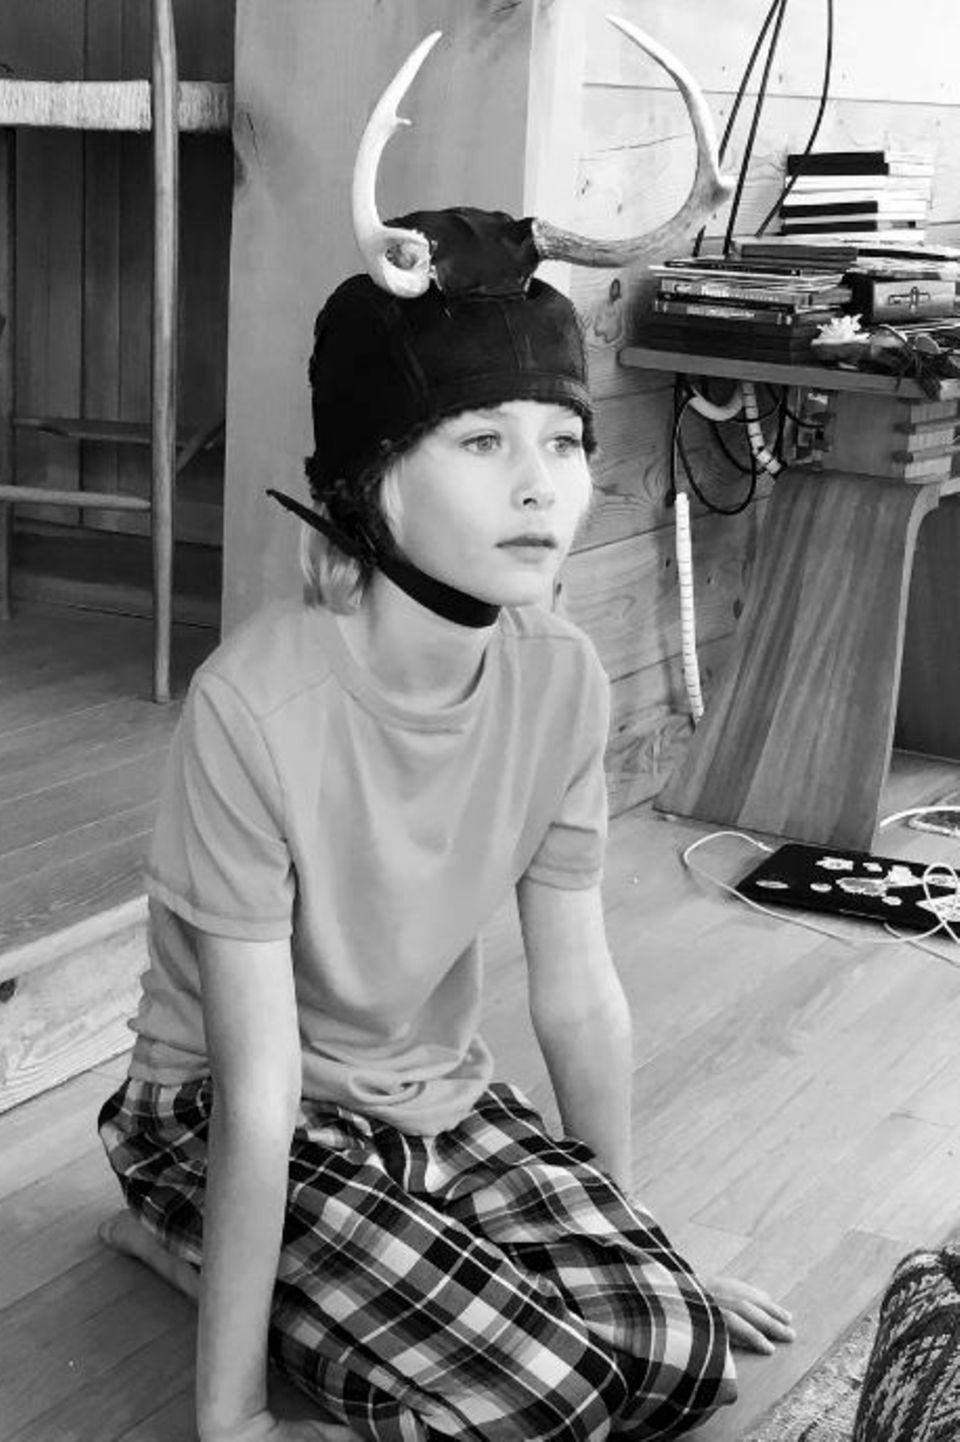 6. Februar 2017  Sasha hat ein Faible für ungewöhnliche Kopfbedeckungen. Hier trägt er ein Geweih und bringt selbst seine Mutter Naomi Watts zu schmunzeln.